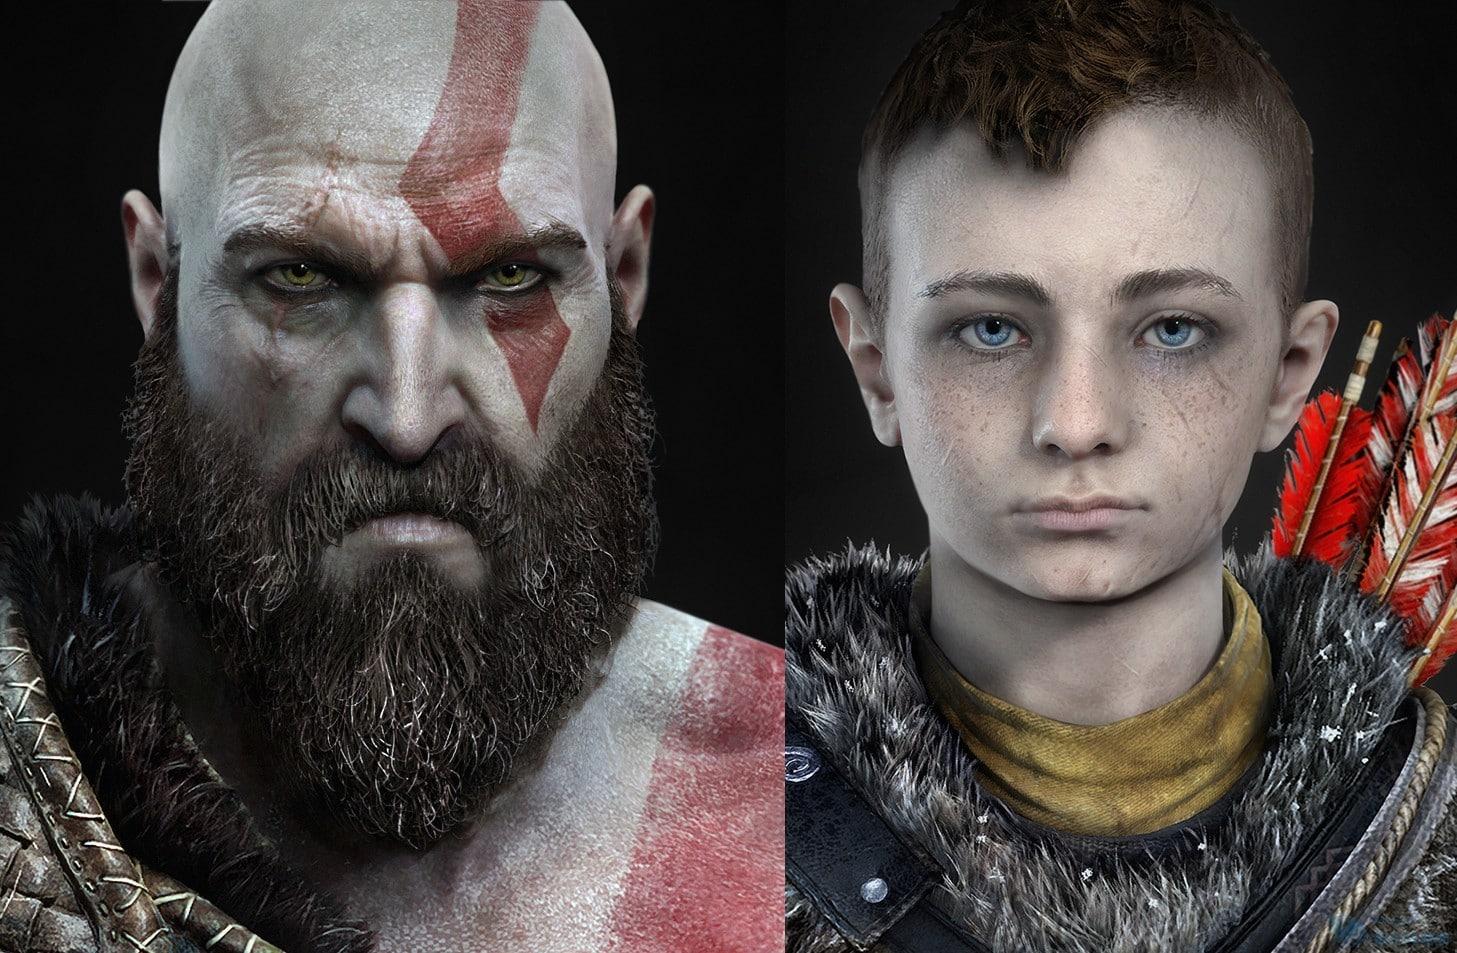 《戰神》新作奎爺和兒子模型圖 連毛孔都清晰可見